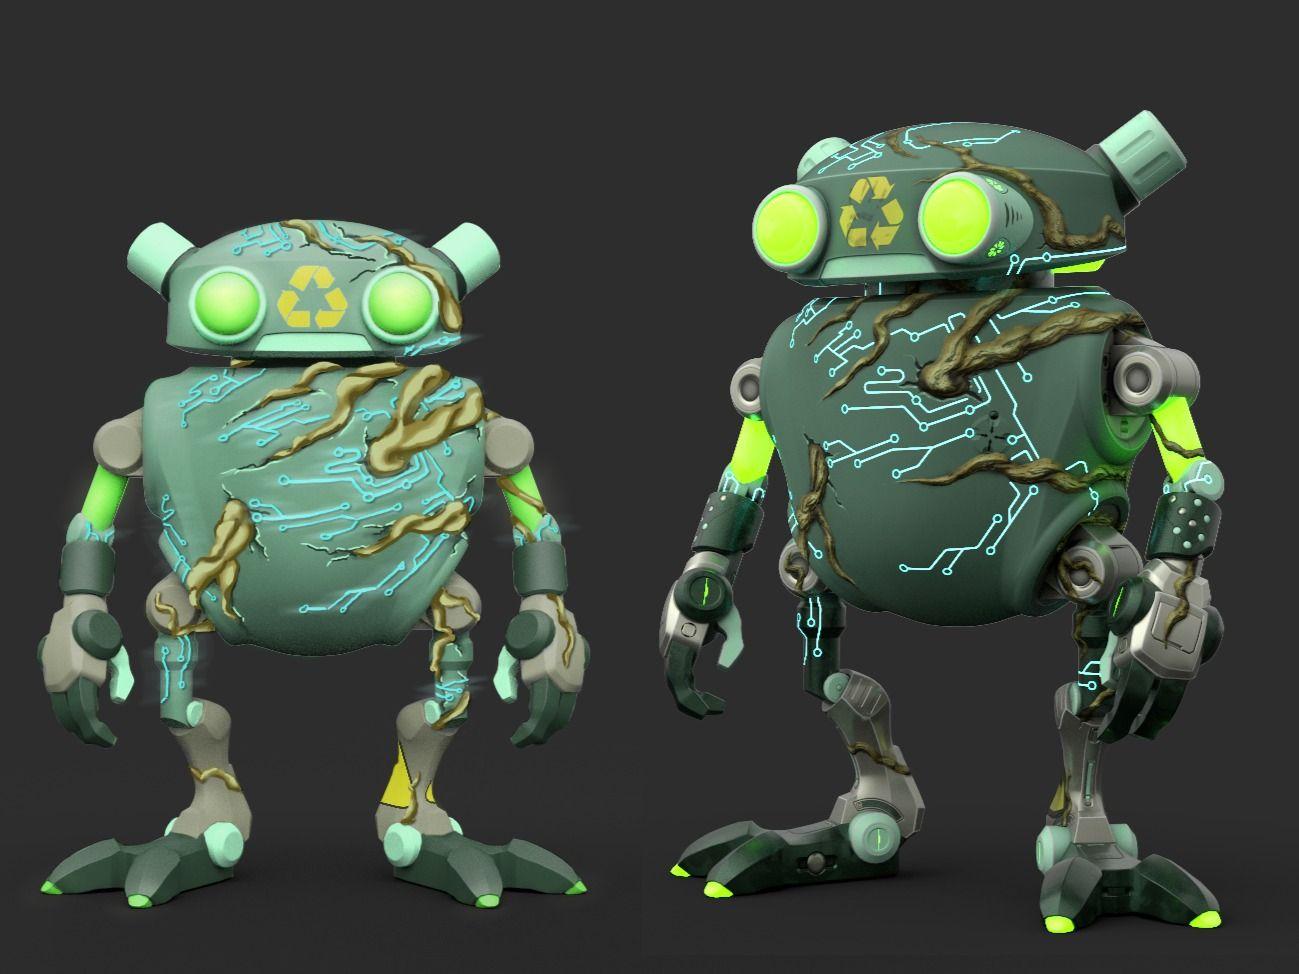 Gaia-minion